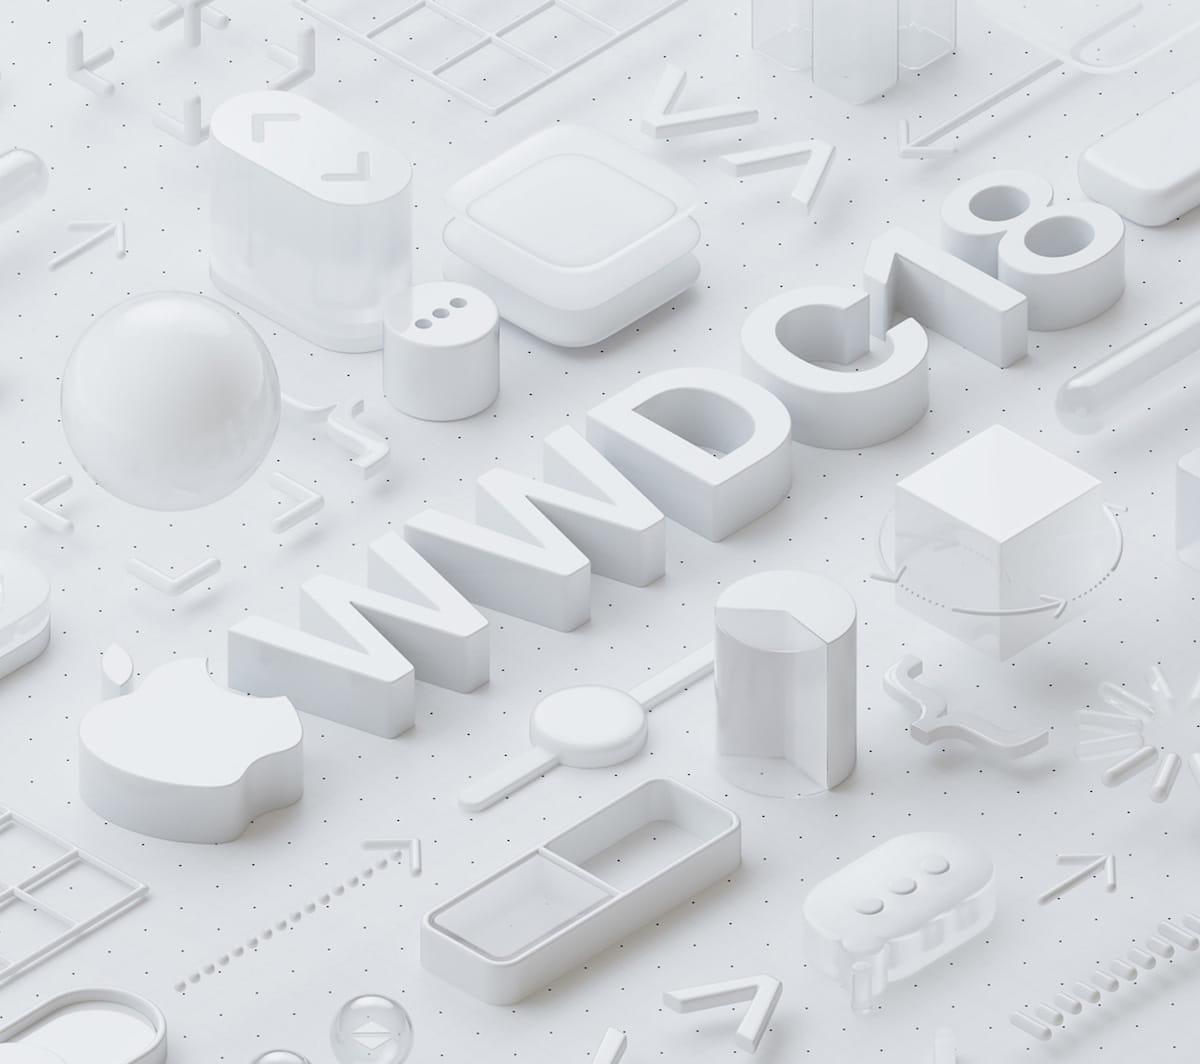 WWDC18